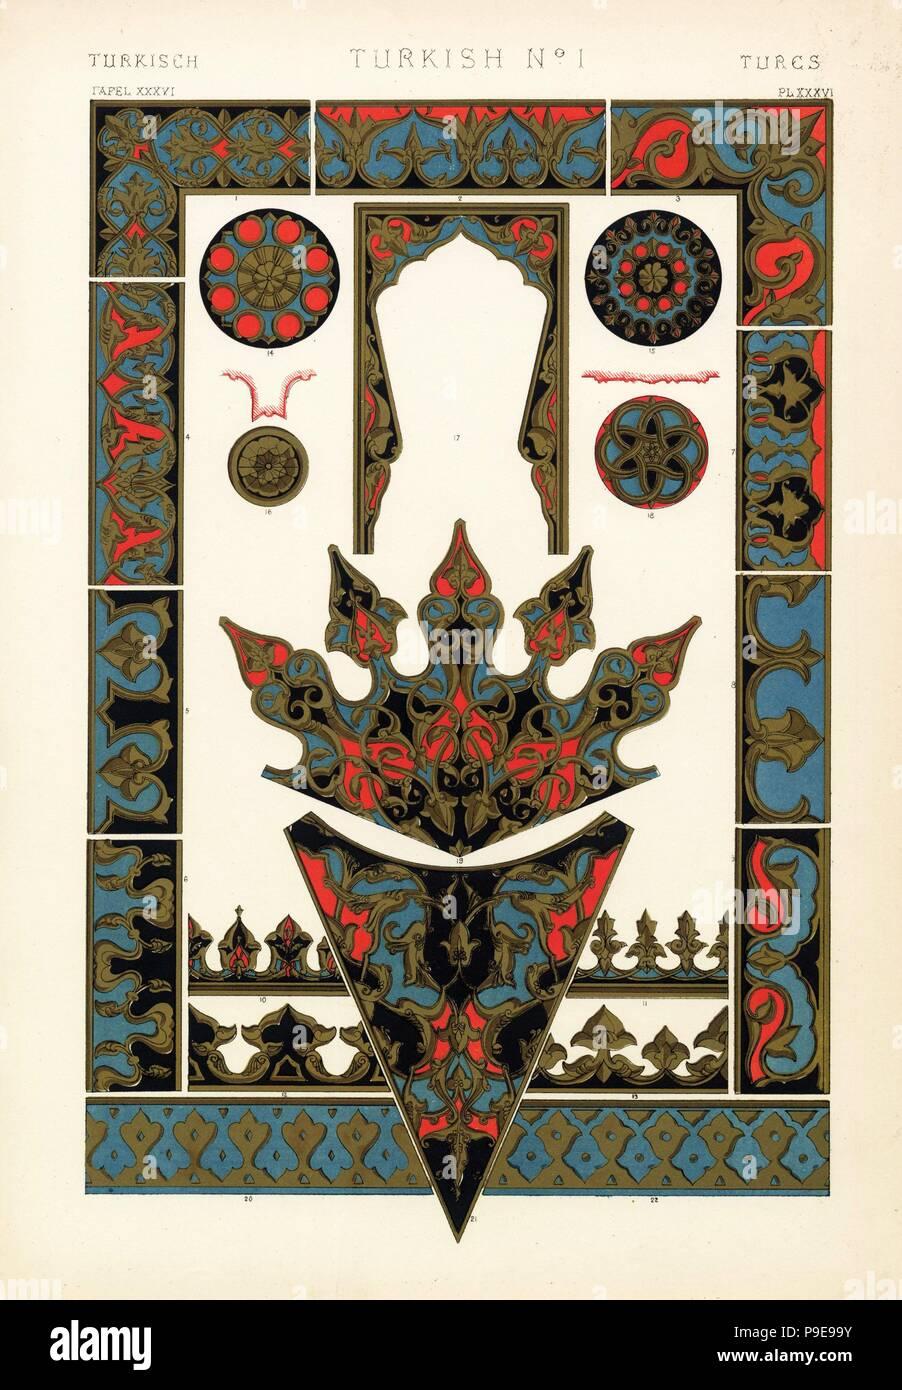 Adornos de alivio de mezquitas, tumbas y fuentes en Constantinopla (Estambul). Fuente en Pera 1,2,3,16,18, la Mezquita del Sultán Achmet 4, tumbas 5,6,7,8,13, tumba del sultán Solimán I 9,12,14,15, Yeni D'jami 10,11,17,19,21, y fuente en Tophana 20,22. Por Francis Chromolithograph Bedford de Owen Jones' La Gramática del Ornamento, Quaritch, Londres, 1868. Foto de stock